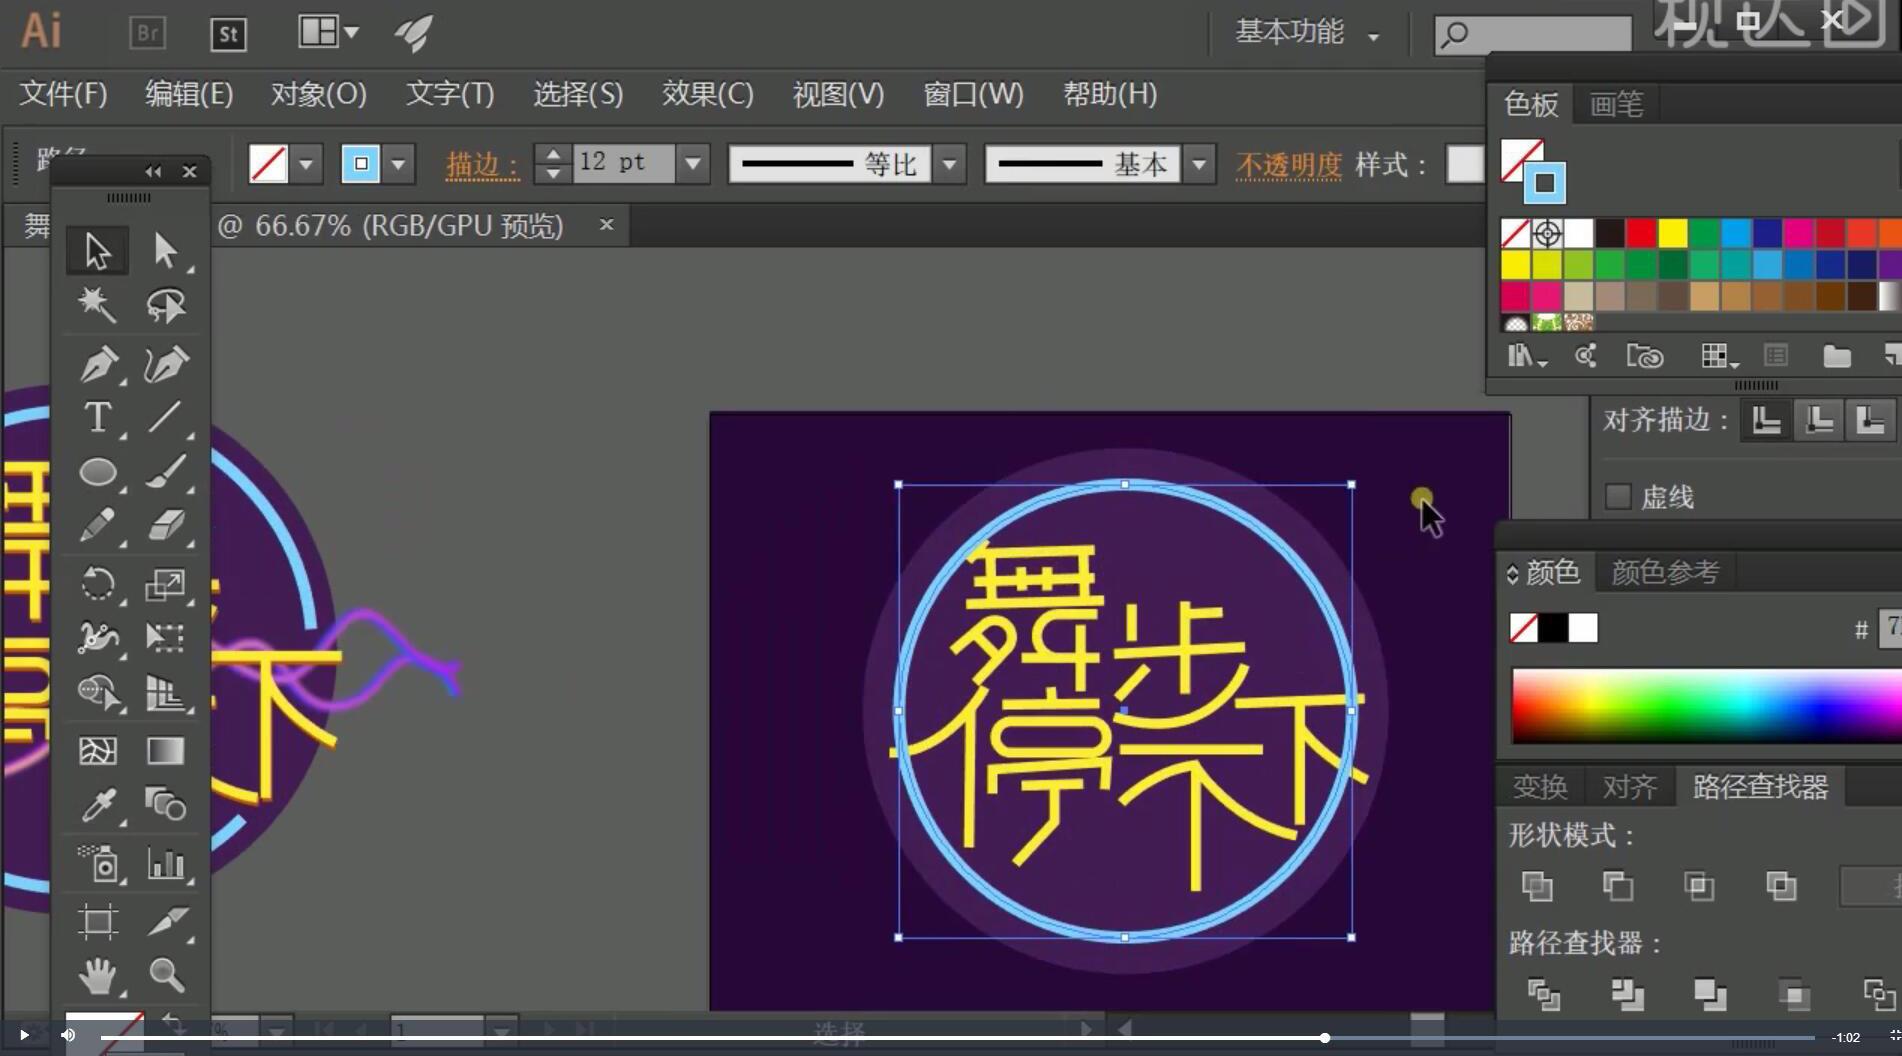 2.新建两个圆,一个填充做背景,一个描边做装饰;装饰的圆用添加锚点减少锚点的方法裁掉一部分;.jpg